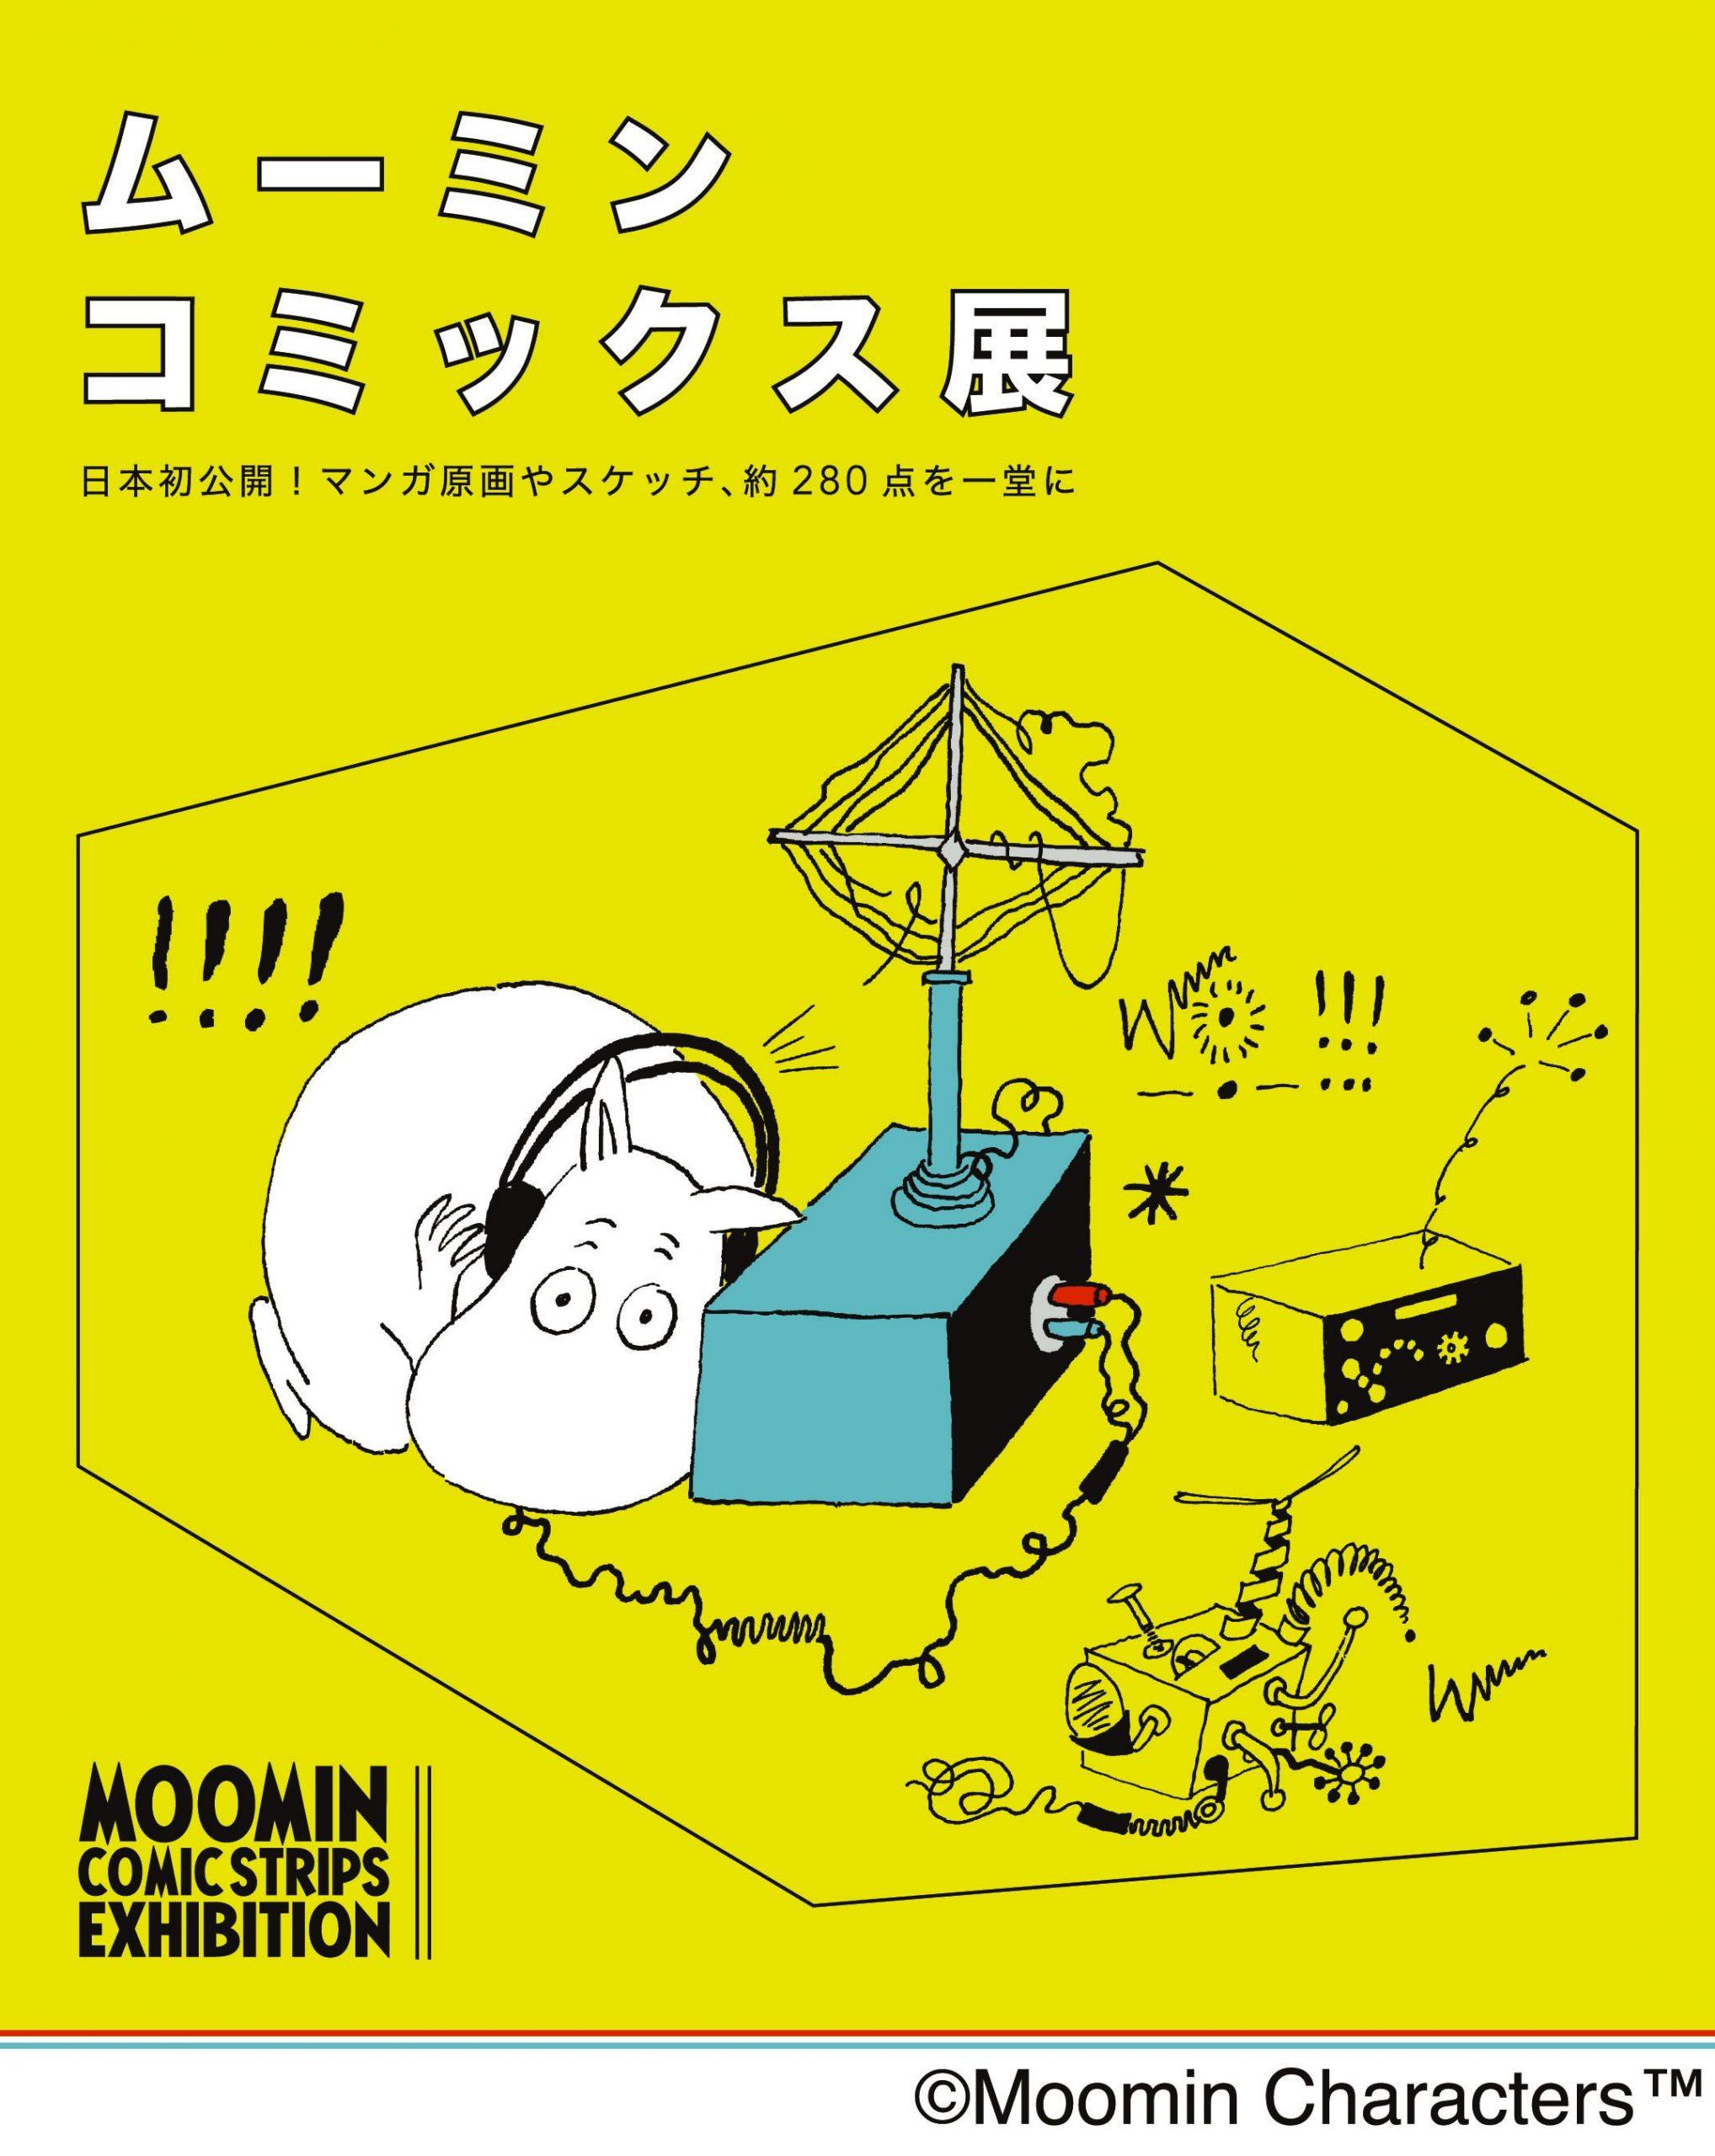 話題の「ムーミン コミックス展」が来場者1万人達成! 会場限定・人気グッズ紹介も!!